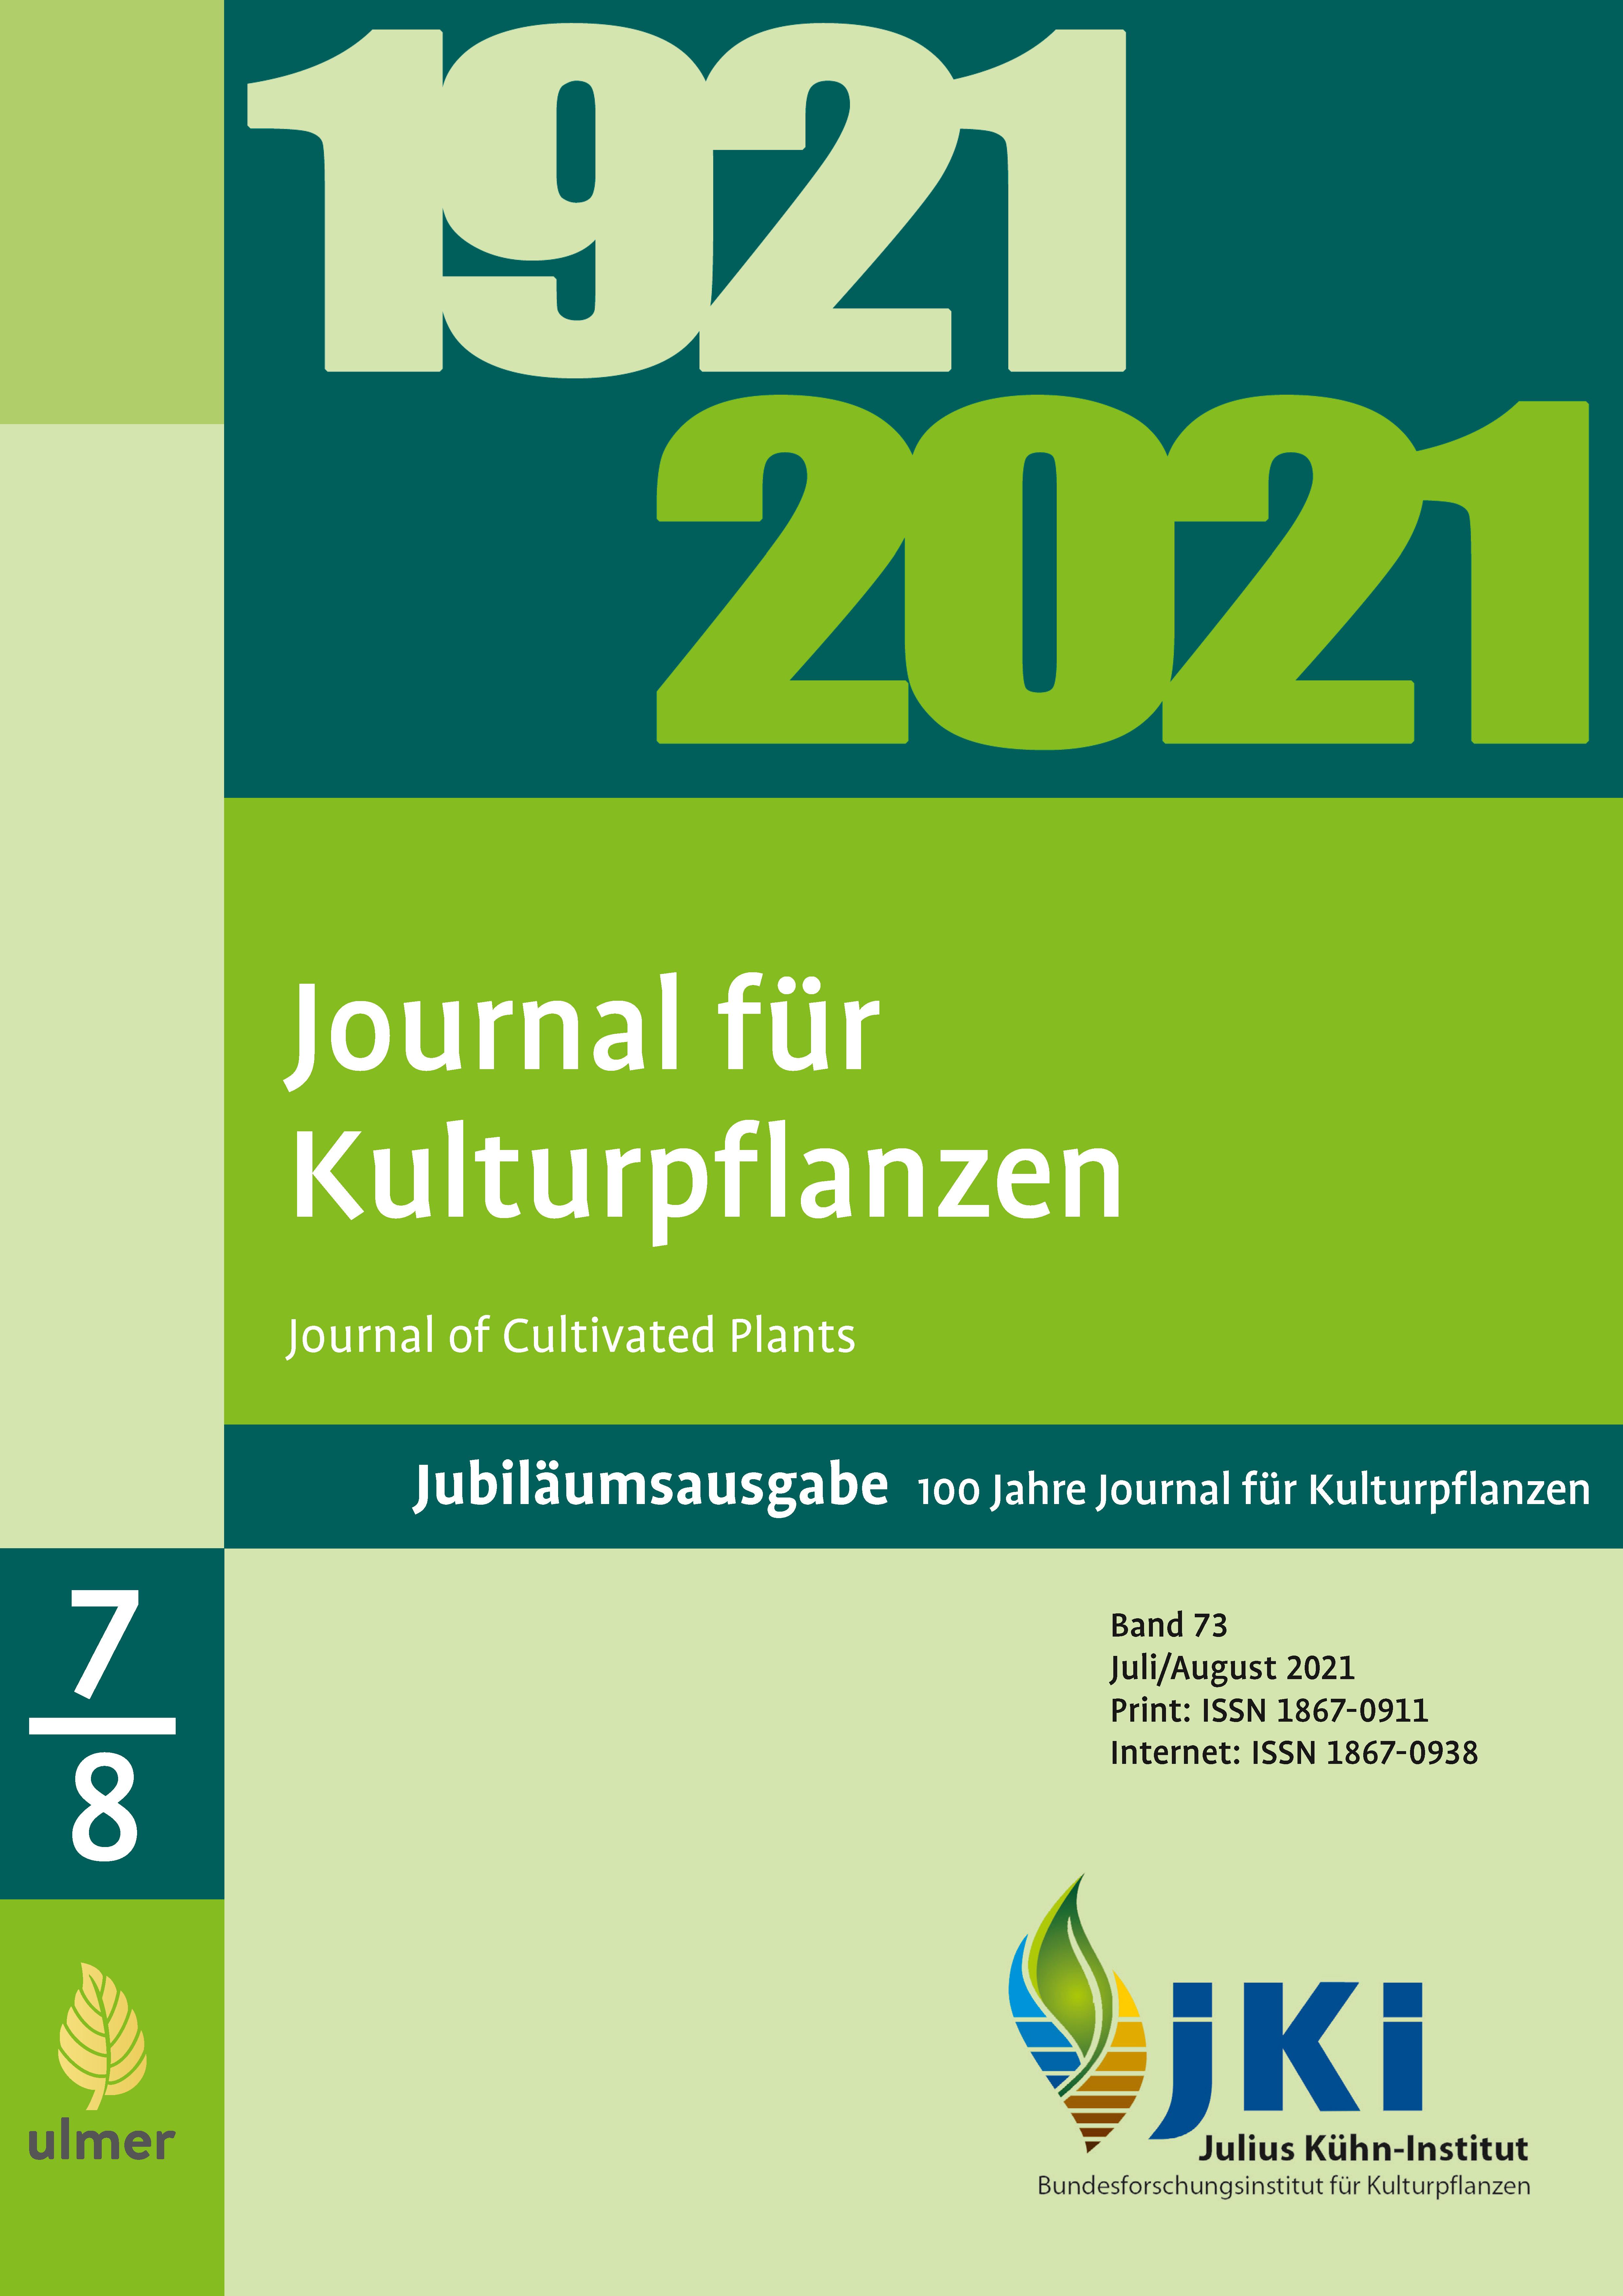 Ansehen Bd. 73 Nr. 7-8 (2021): Jubiläumsausgabe 100 Jahre Journal für Kulturpflanzen